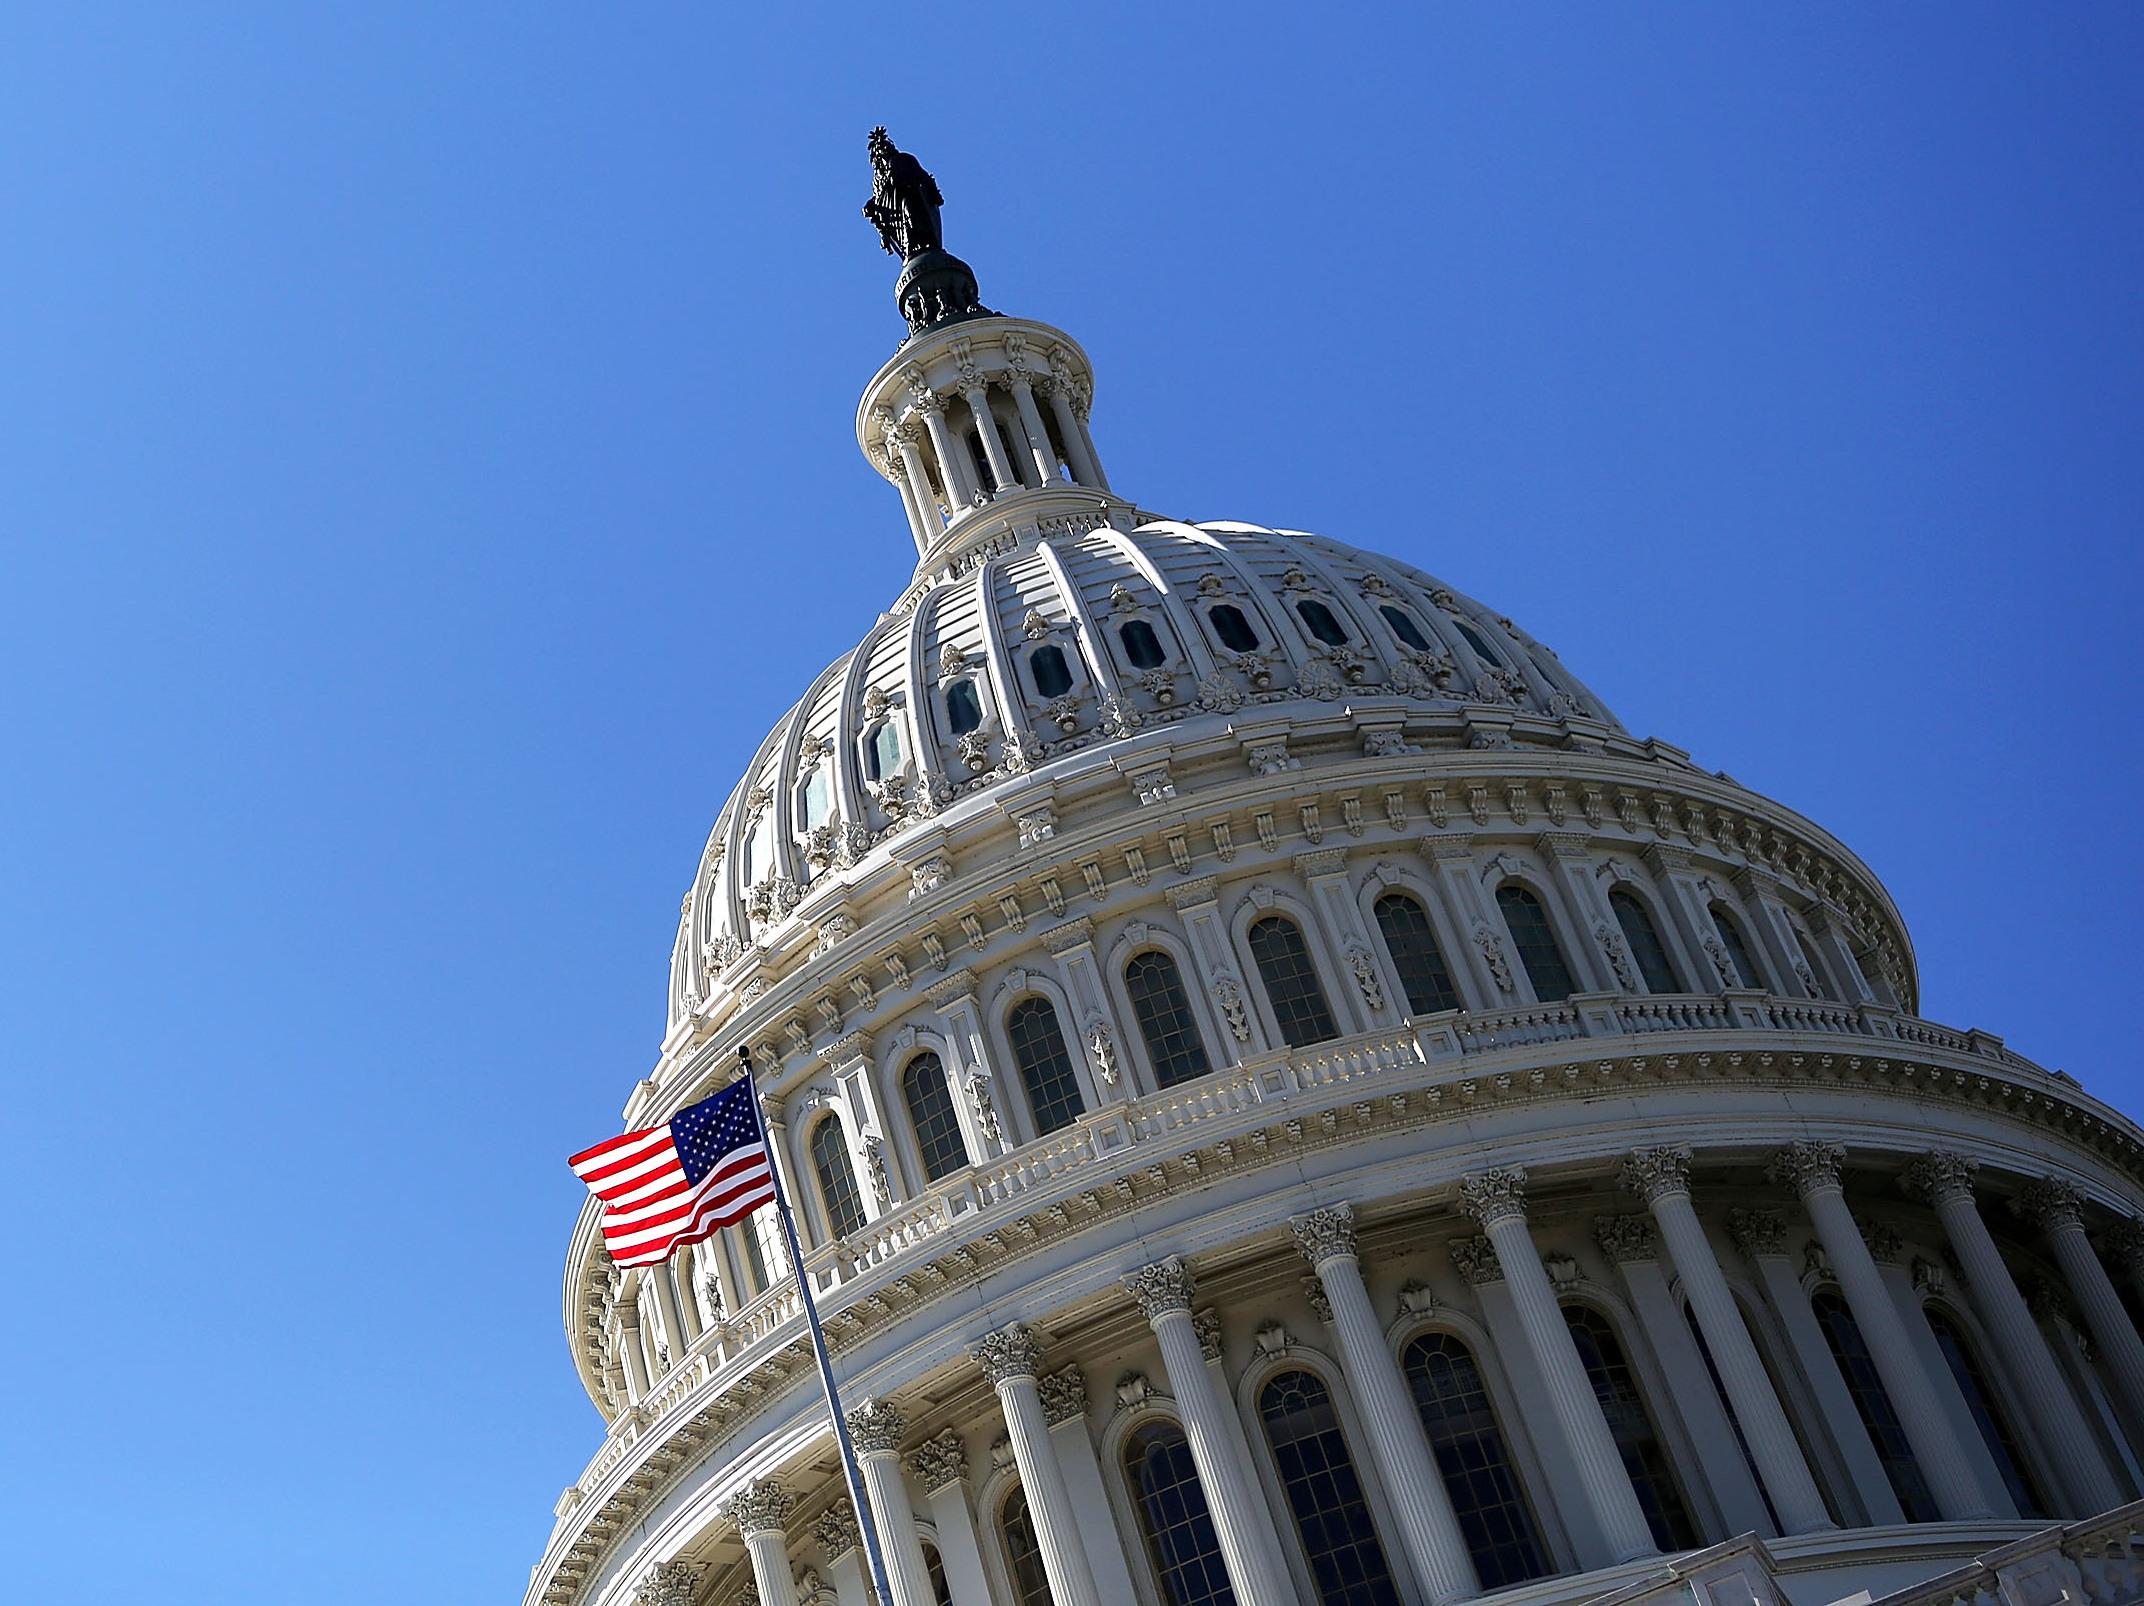 'Nuclear Option' In Play As Senators Meet In Secret